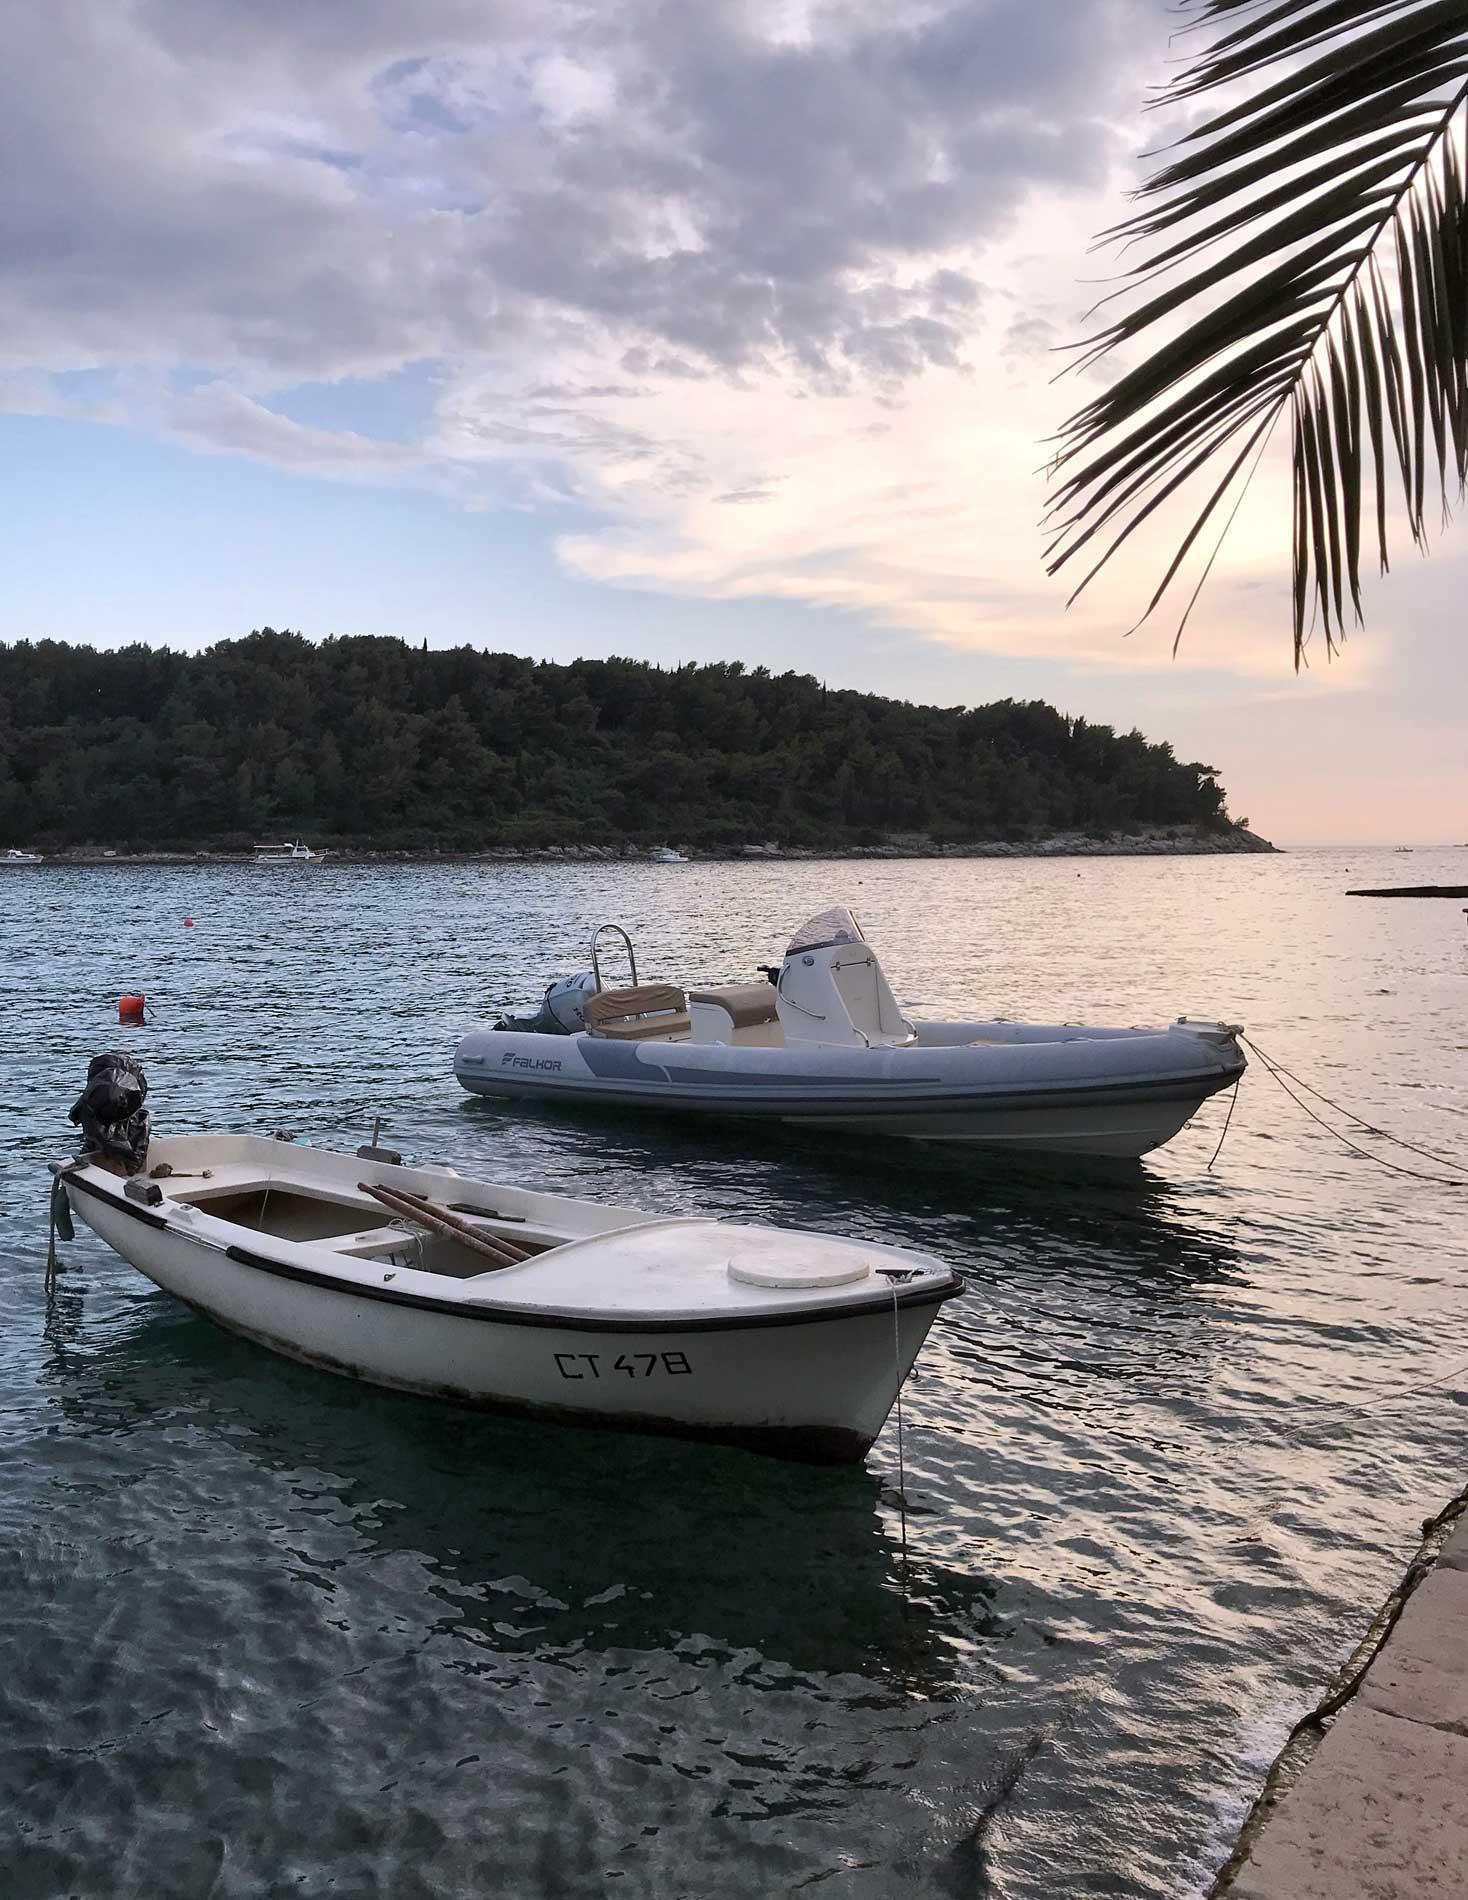 Cavtat-Dubrovnik-Croazia-barche-mare-palma